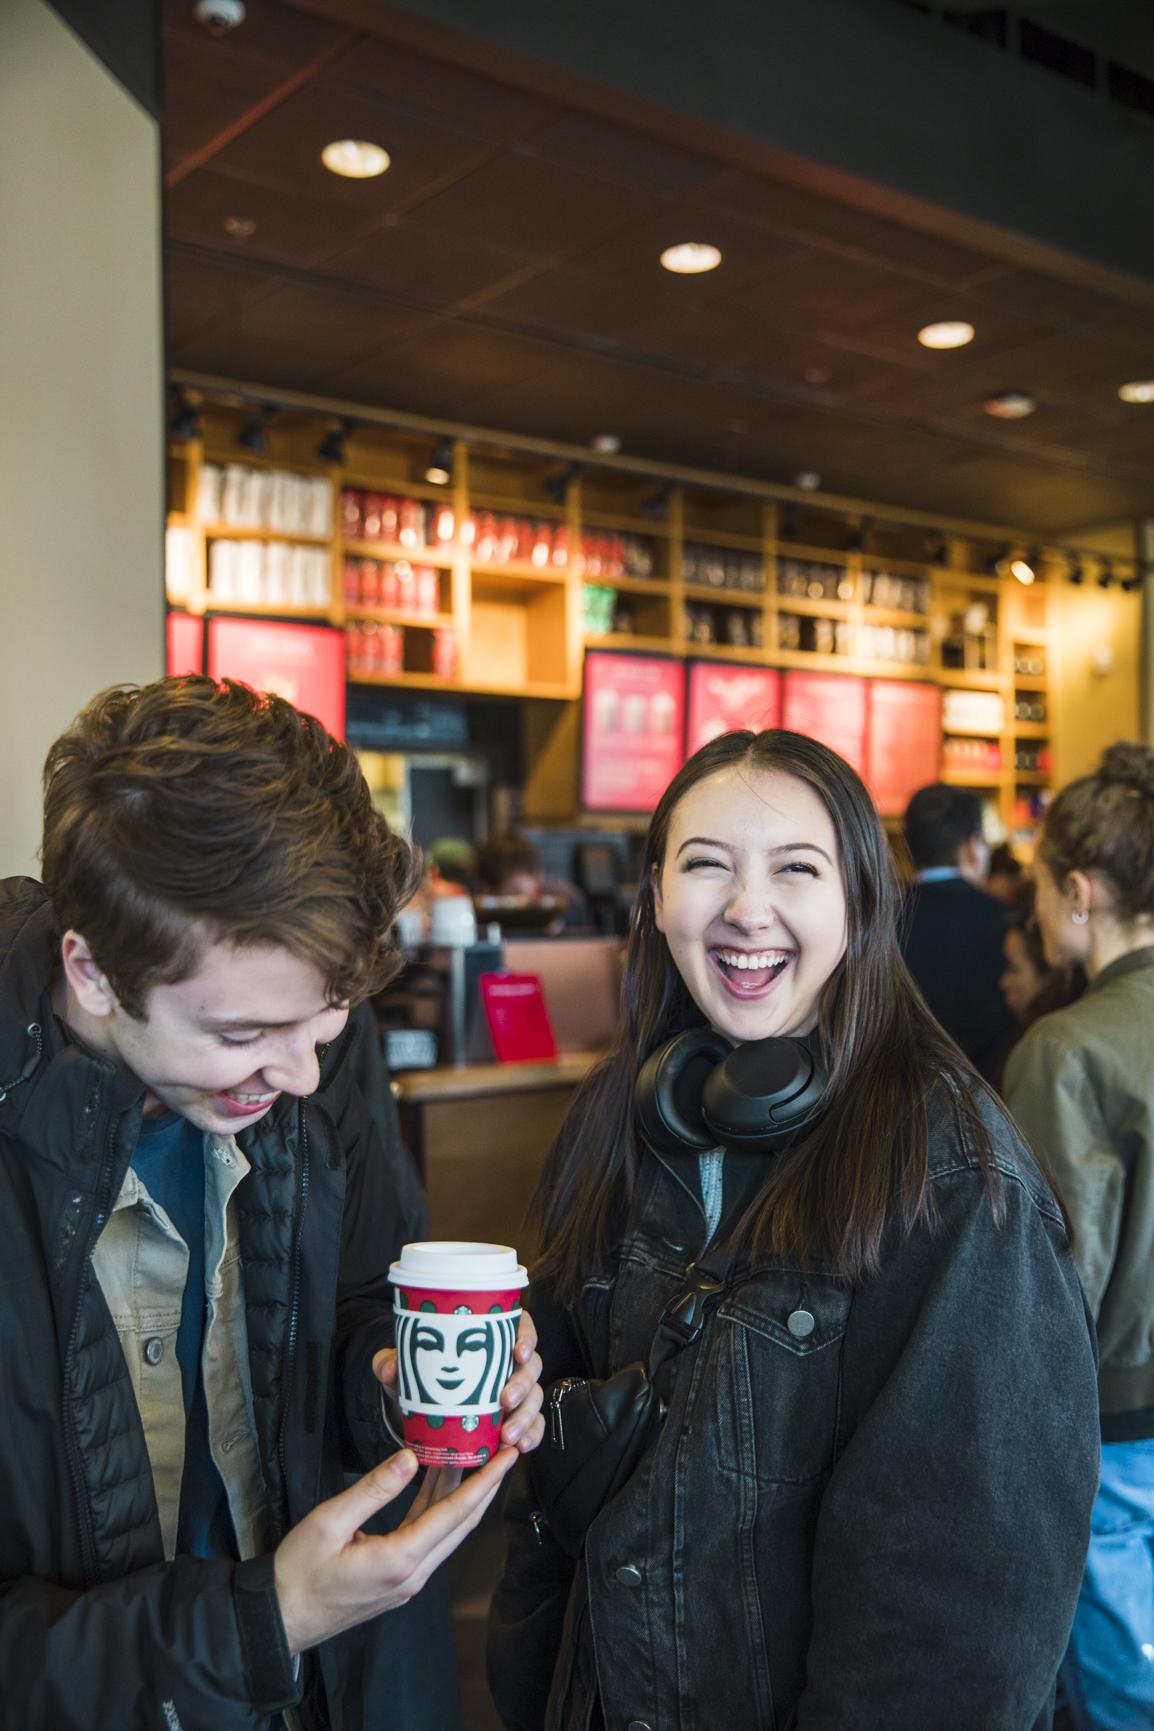 Jordan and Kana posing with the hot chocolate